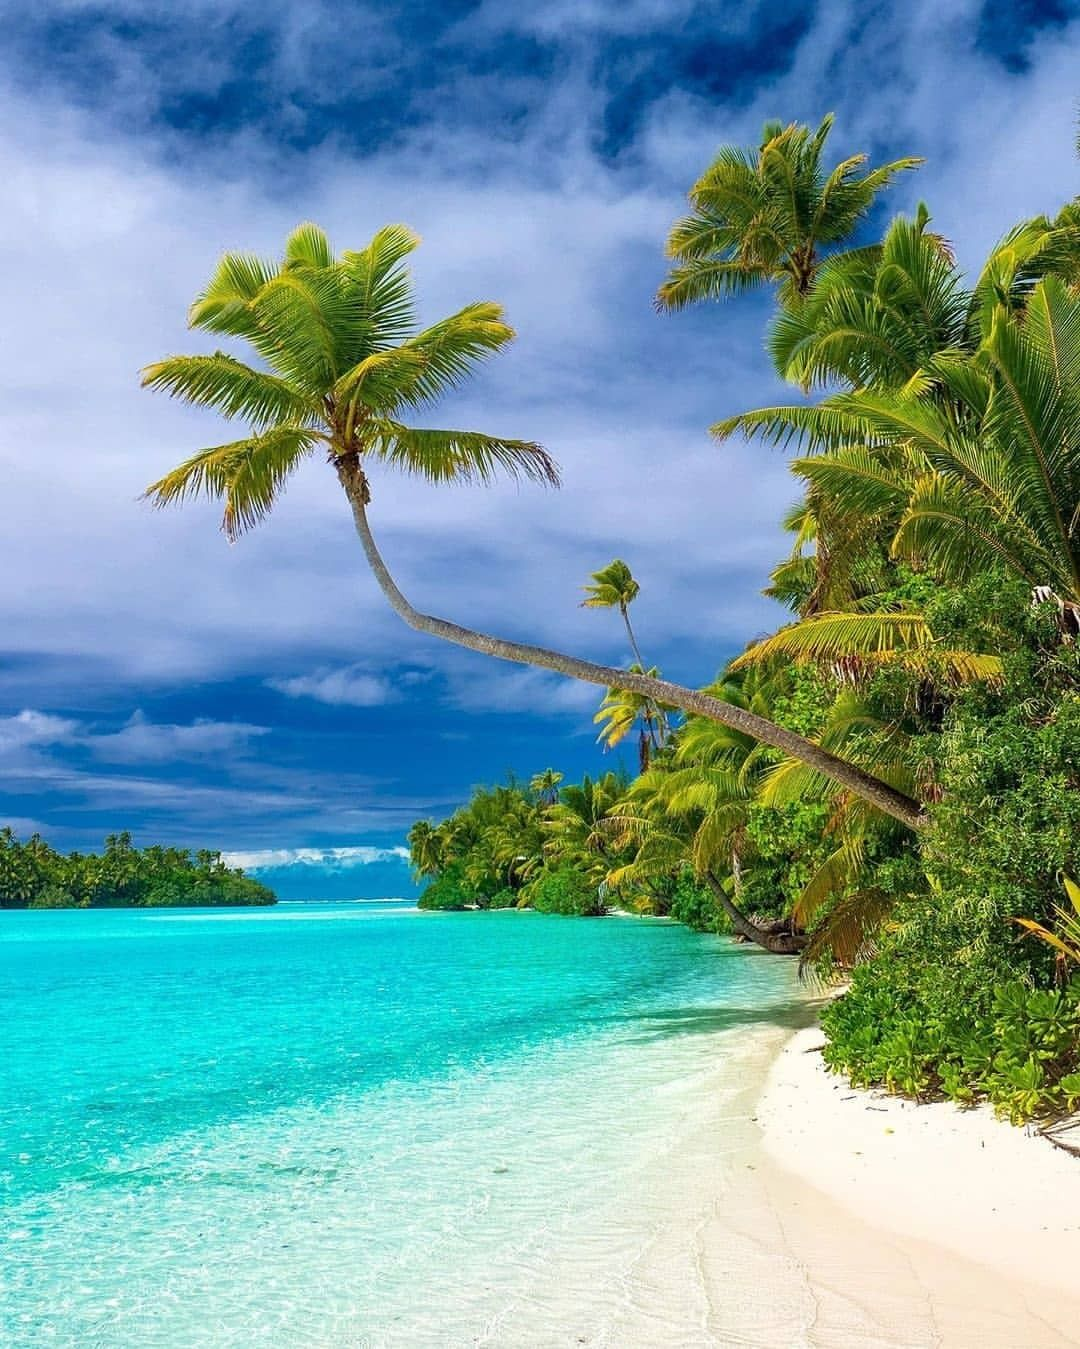 Cook Islands Beaches: Aitutaki, Cook Islands, New Zealand